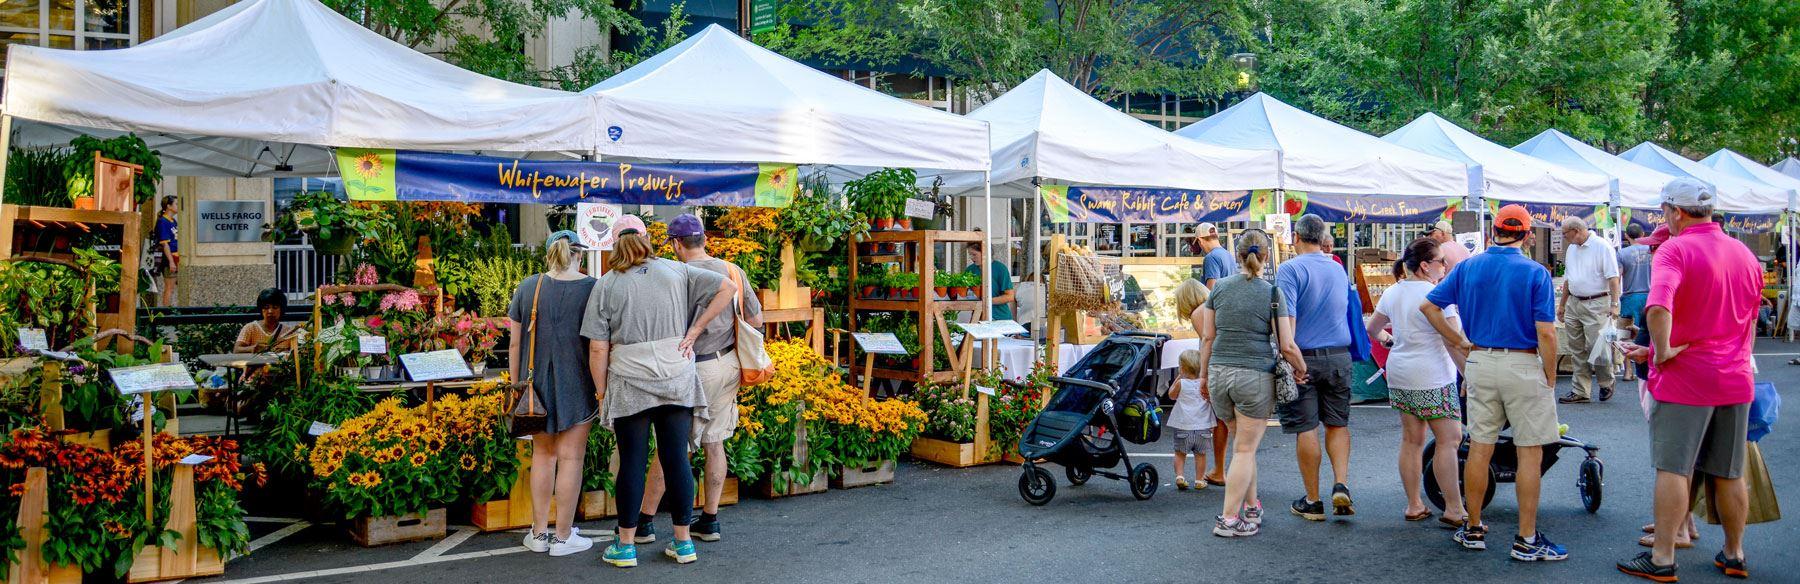 greenville saturday market sc official website